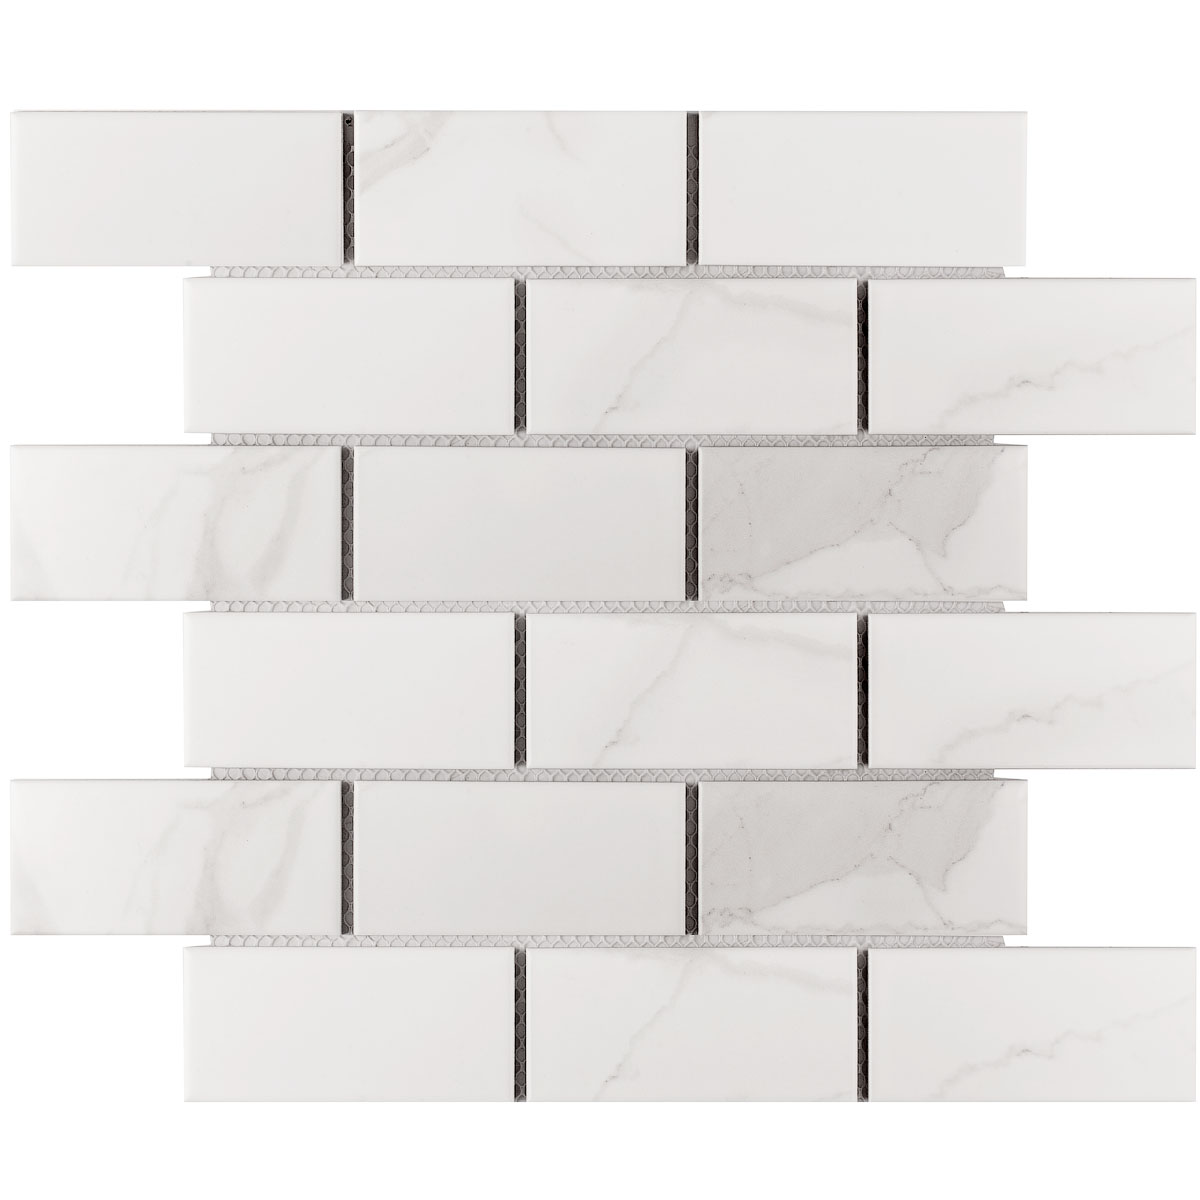 Керамическая мозаика Brick & Metro Brick Carrara Matt 45х95